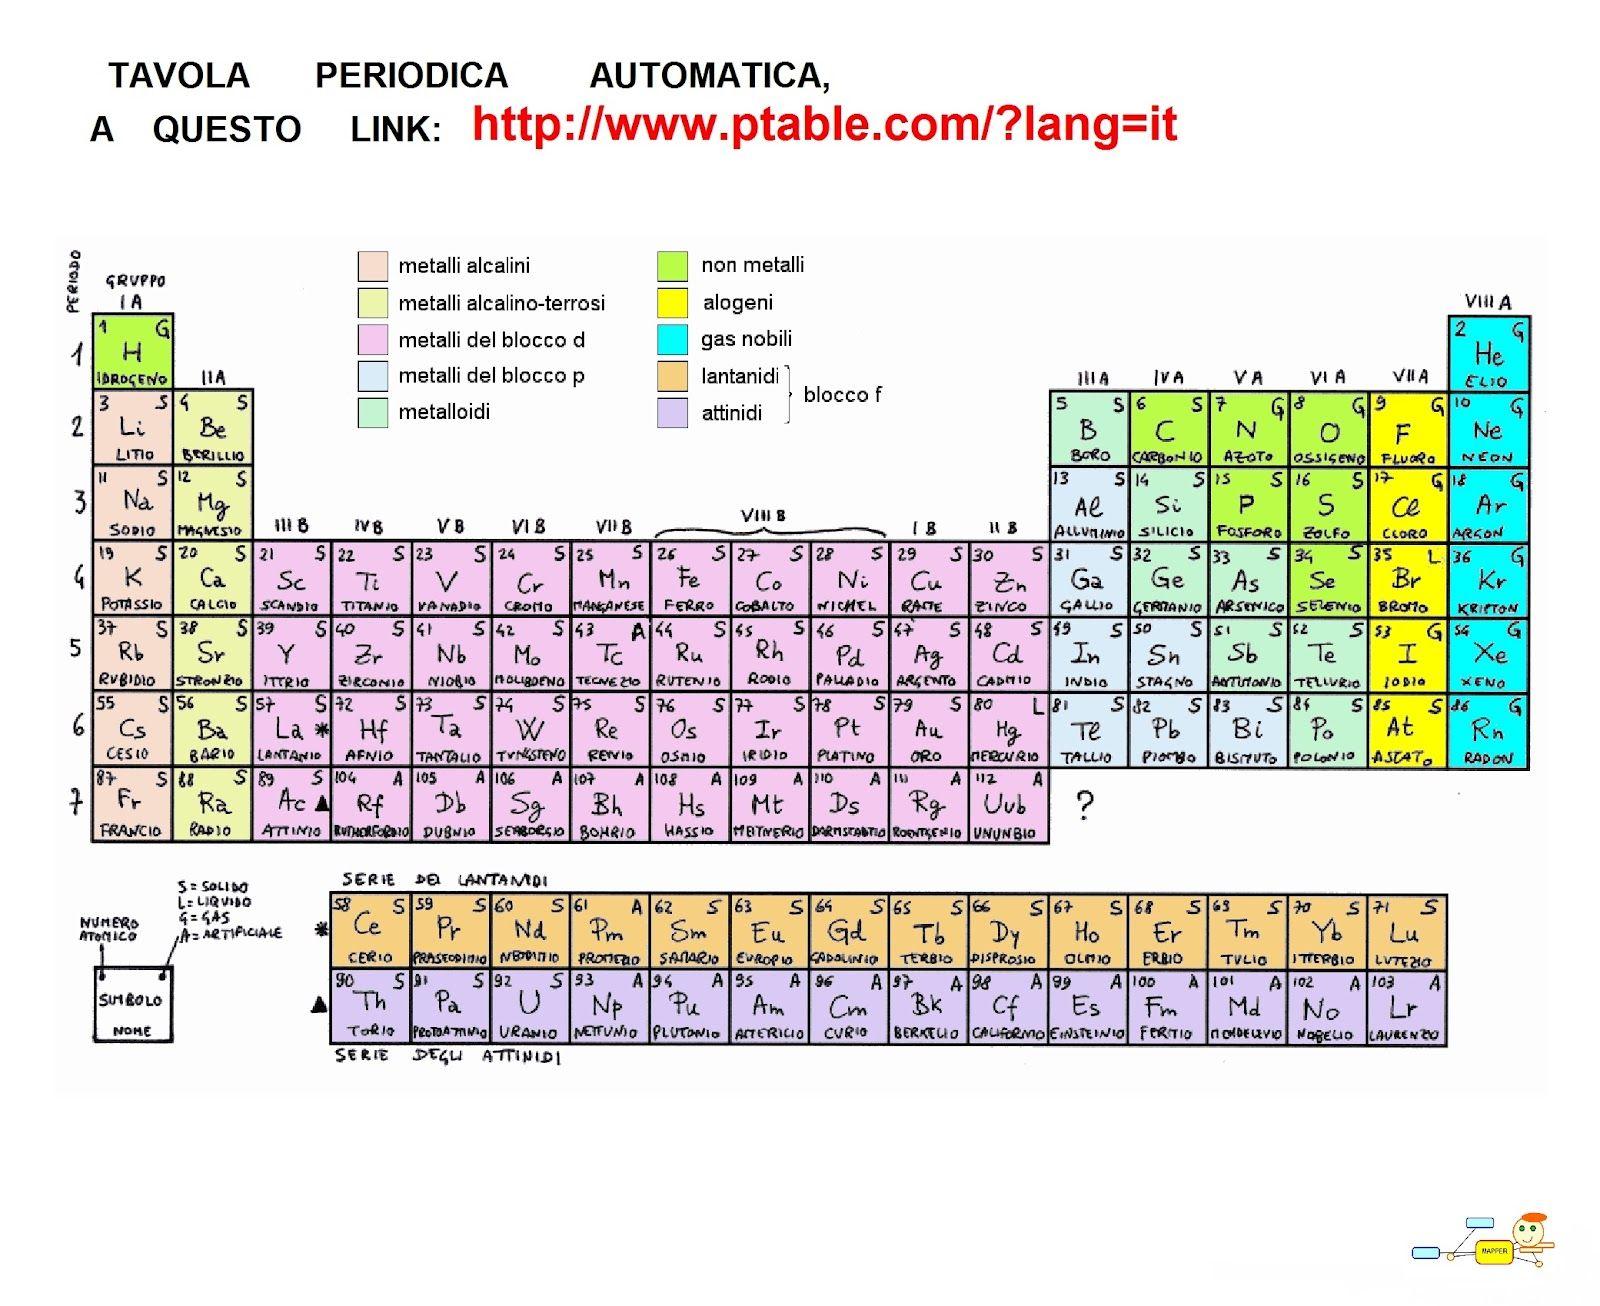 Mappa concettuale tavola periodica degli elementi - Tavola periodica degli elementi spiegazione semplice ...